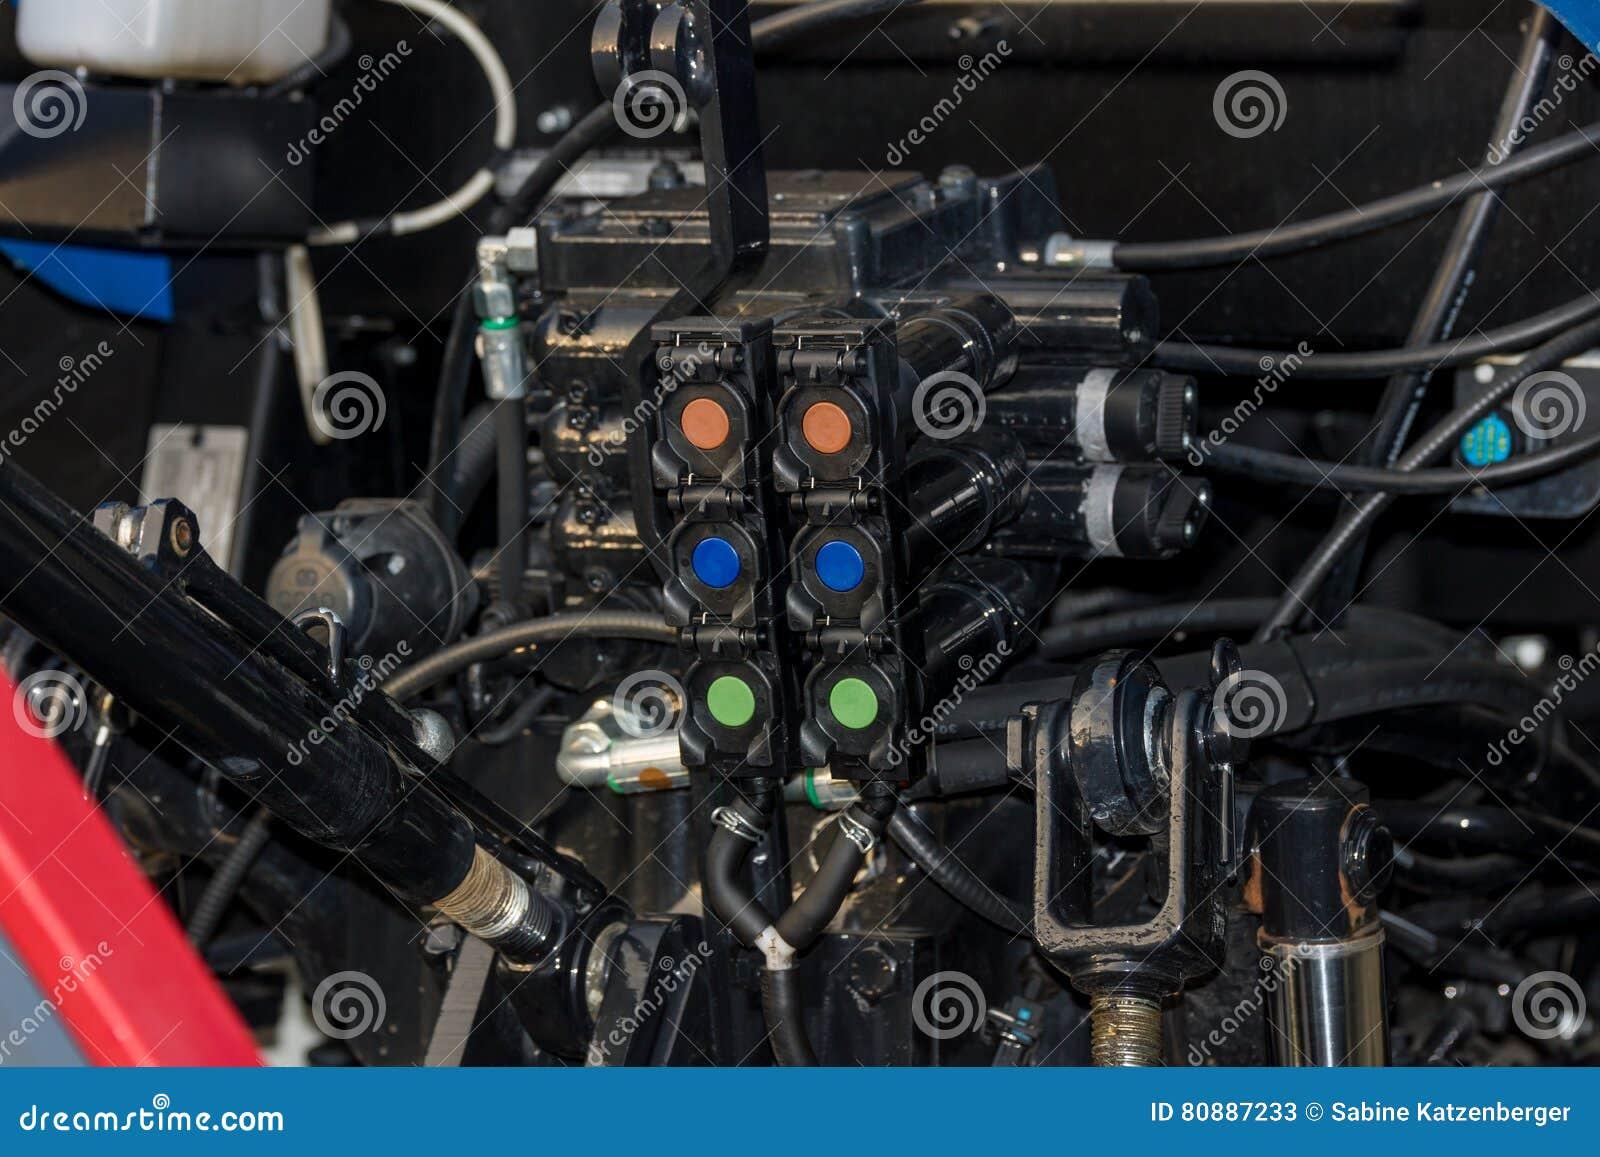 Gemütlich Anhängerverbindung Bilder - Elektrische Schaltplan-Ideen ...